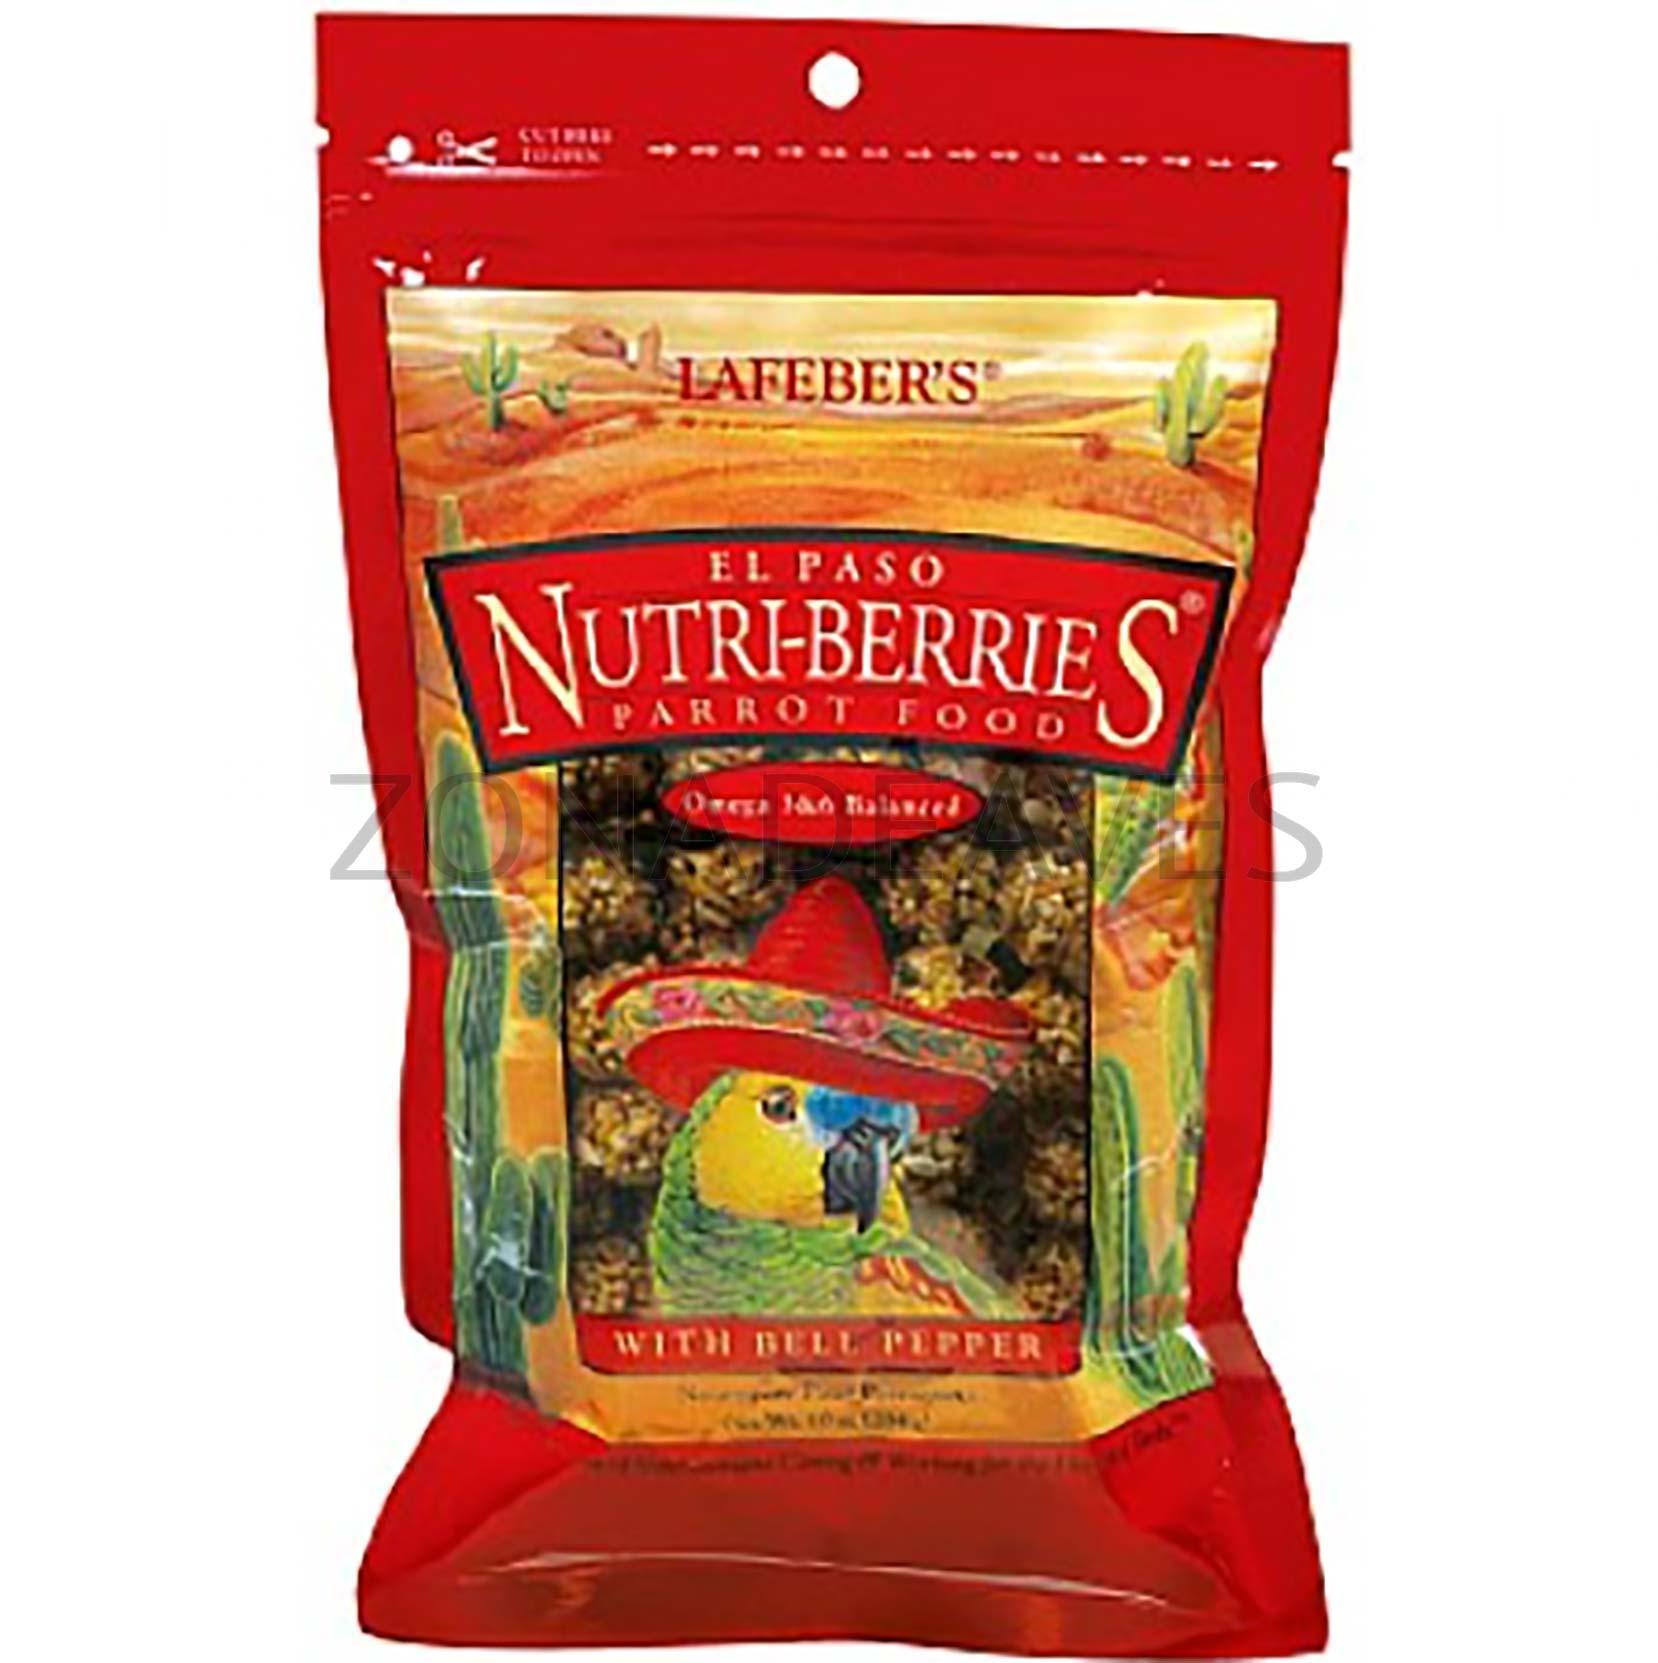 Nutriberries El Paso L